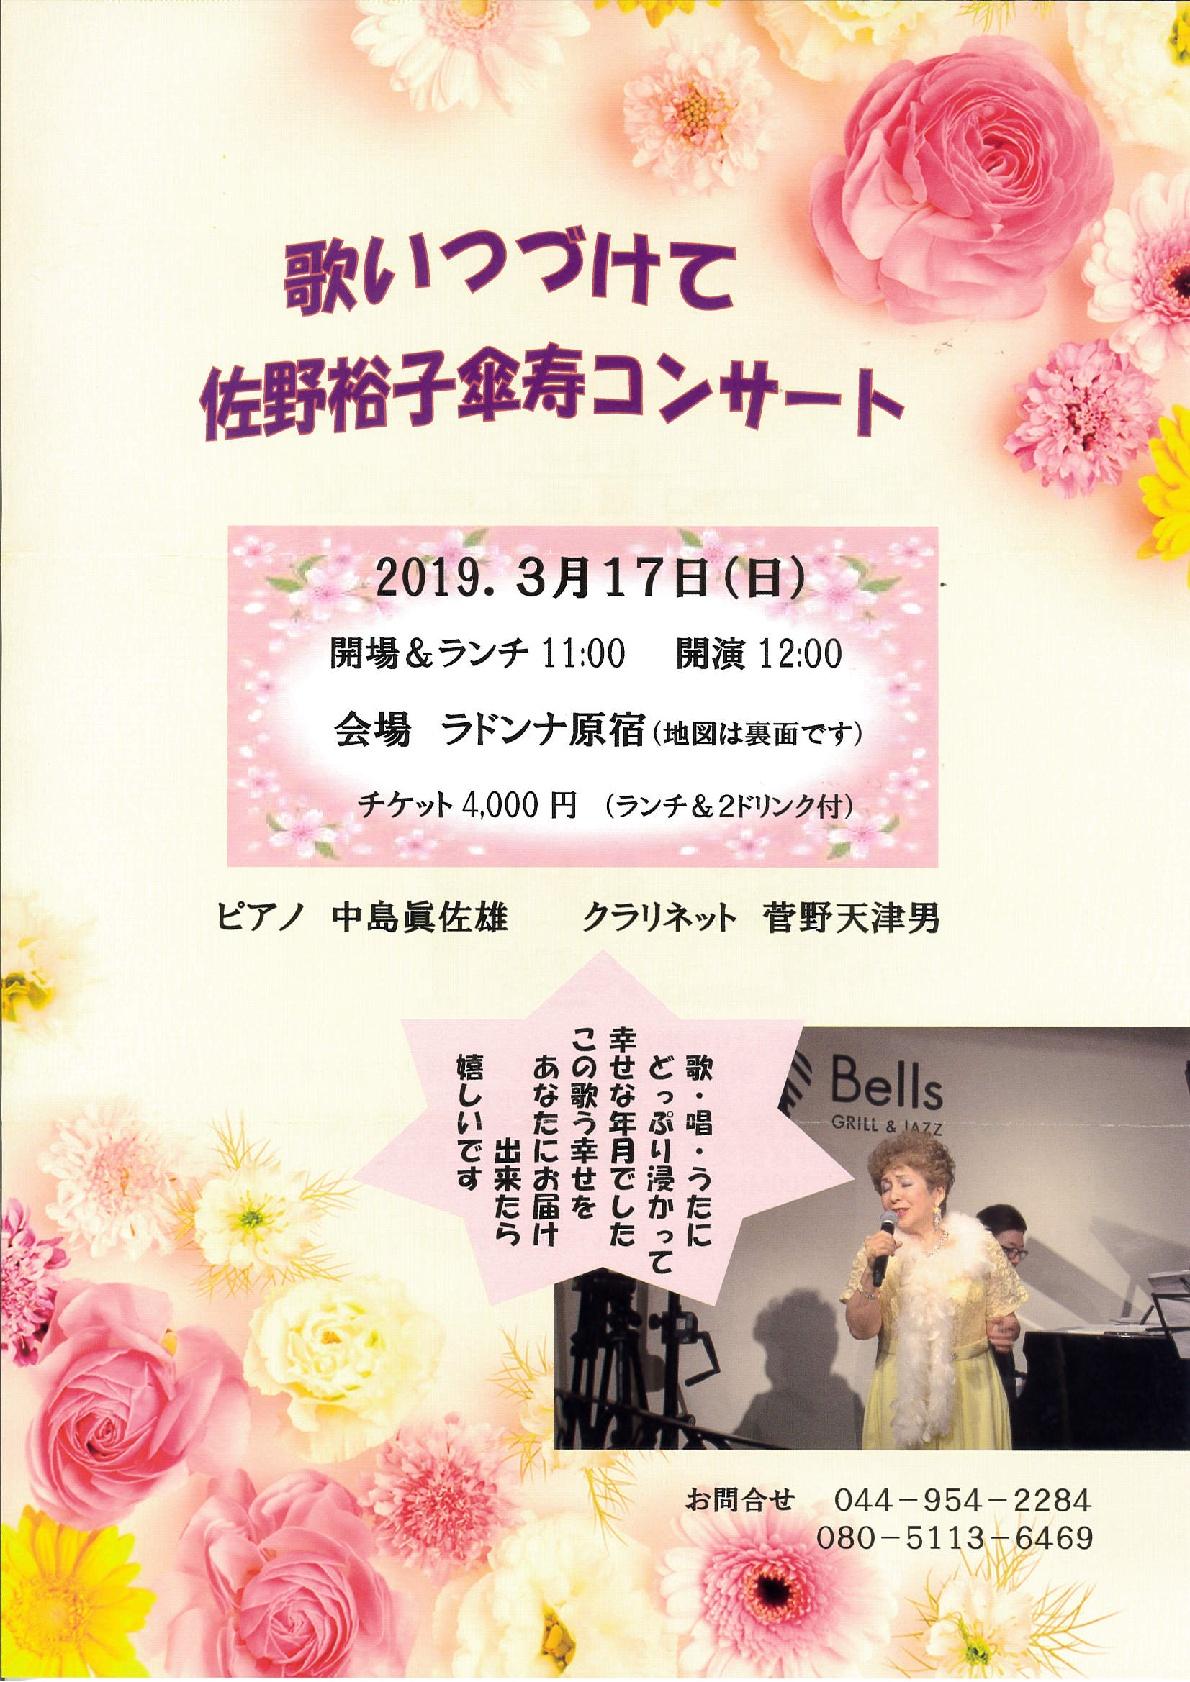 歌いつづけて 佐野裕子 傘寿コンサート